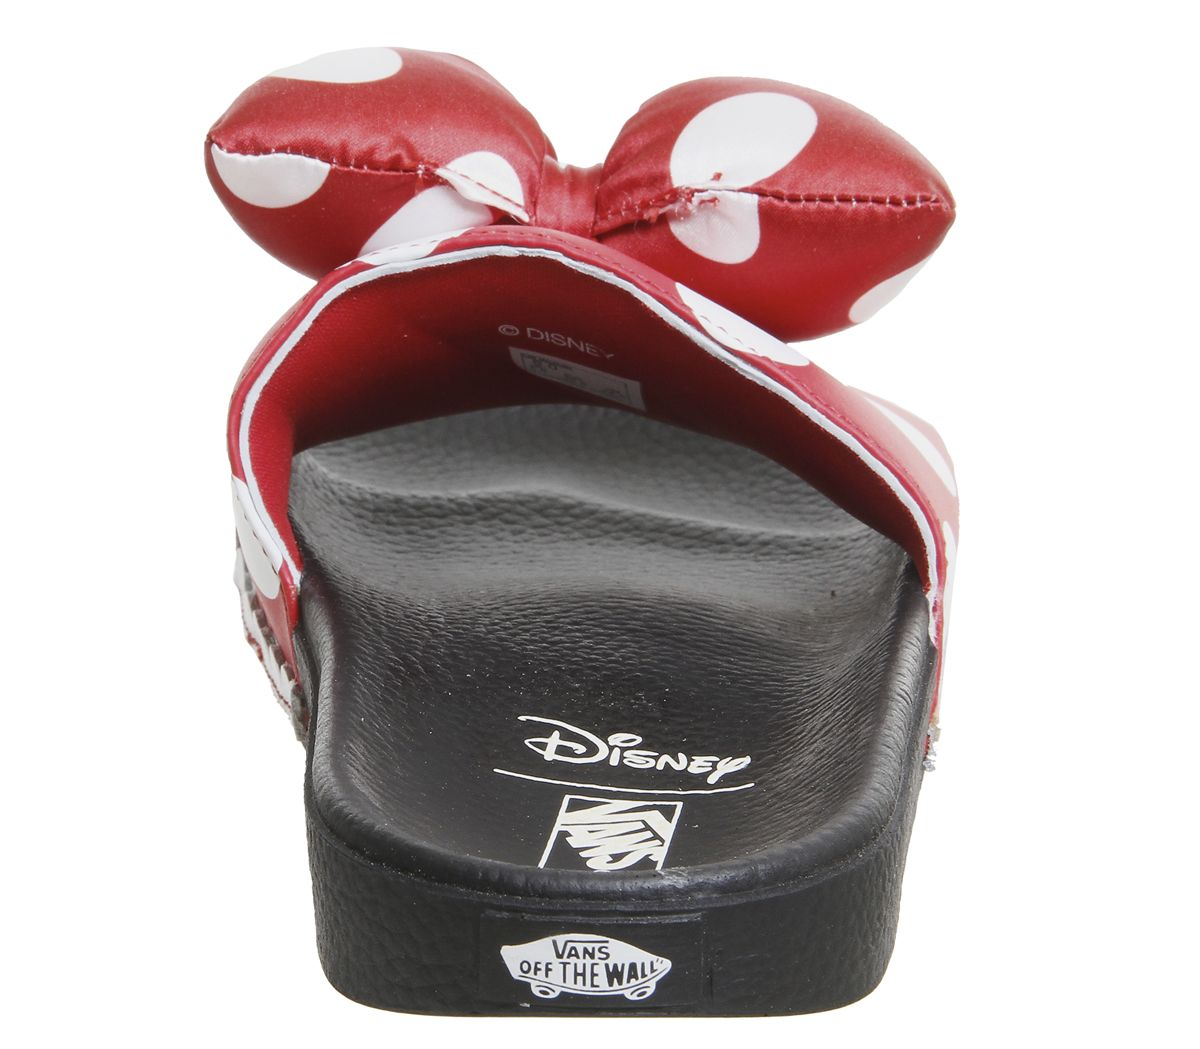 671449eee072 Vans Wm Slide On Sliders Minnies Bow True White Disney - Hers trainers